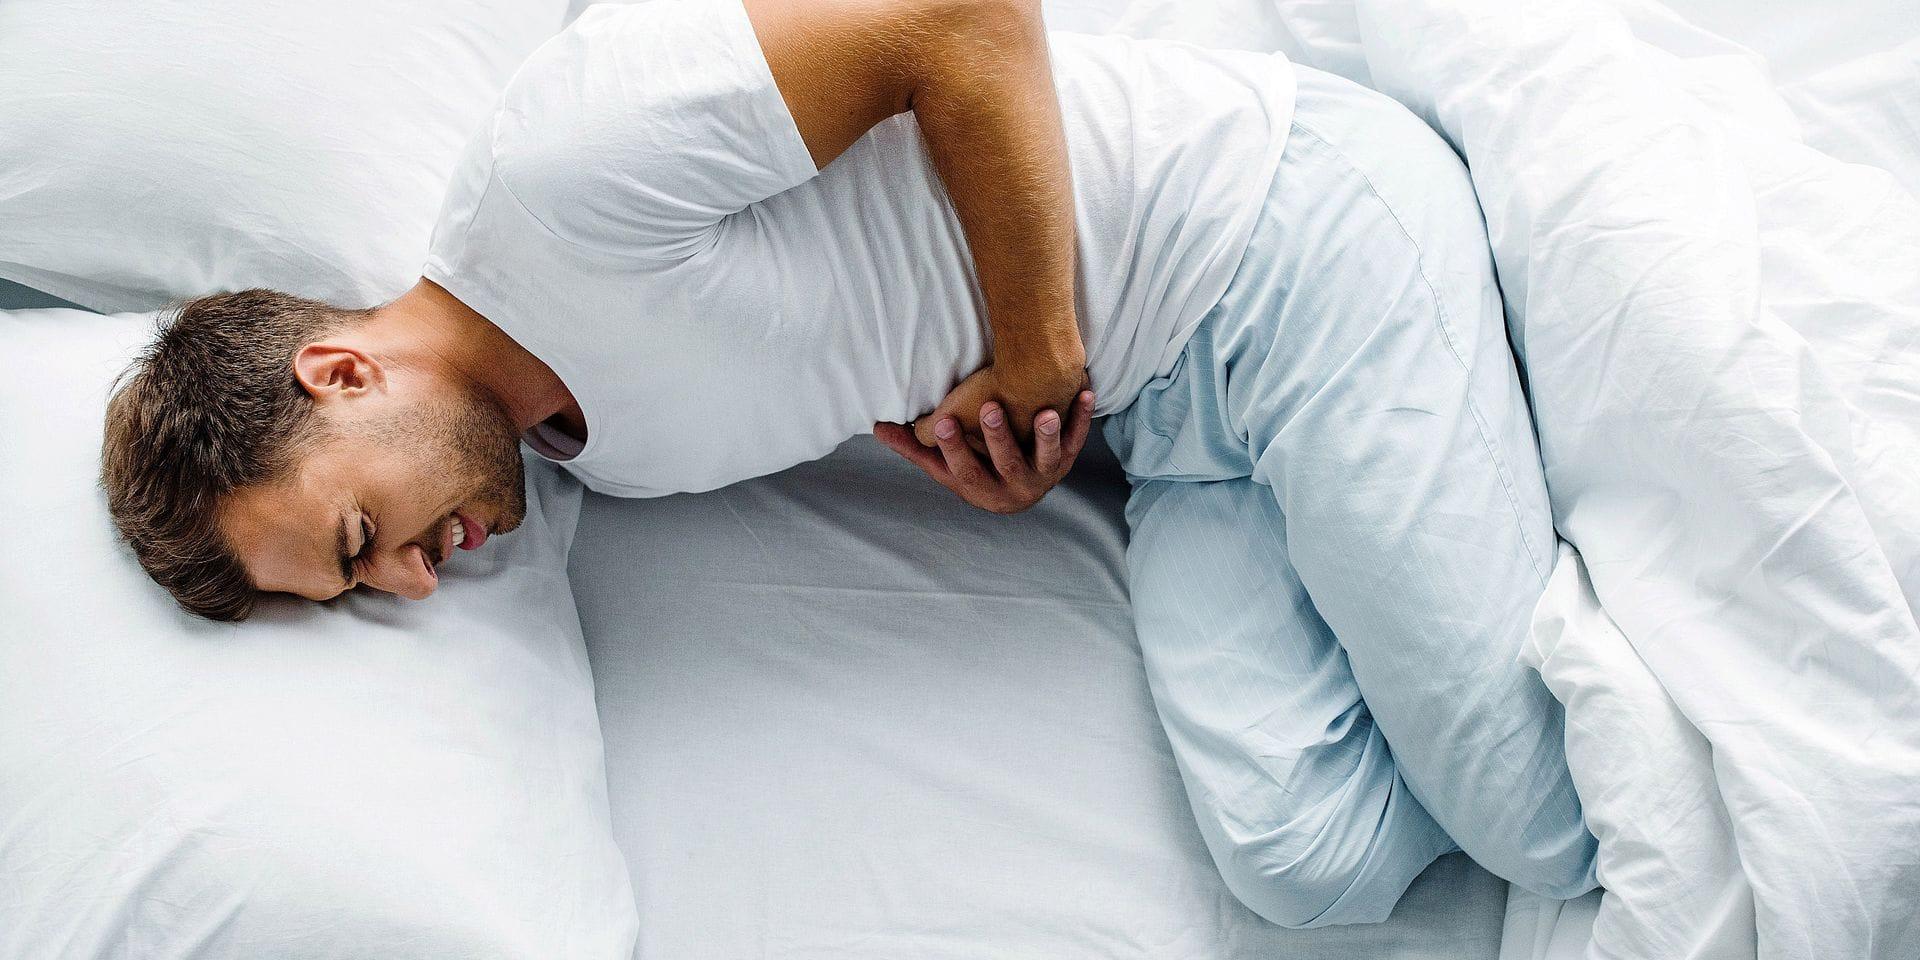 Brûlures d'estomac: les calmer sans médicaments